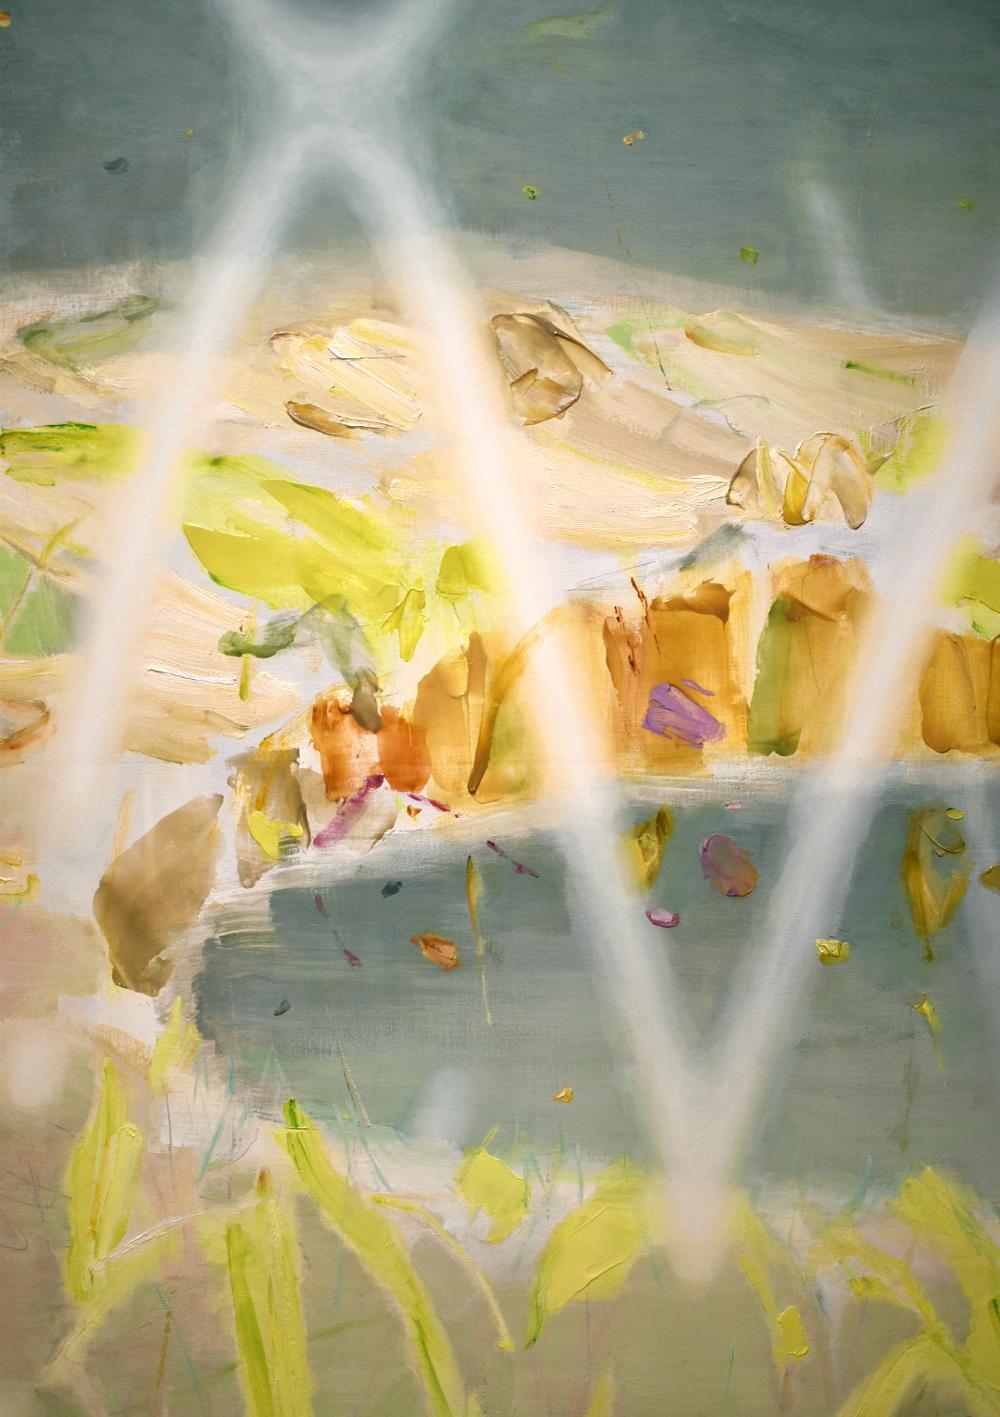 〈 草色と午後、忘れること 〉2021 (detail)